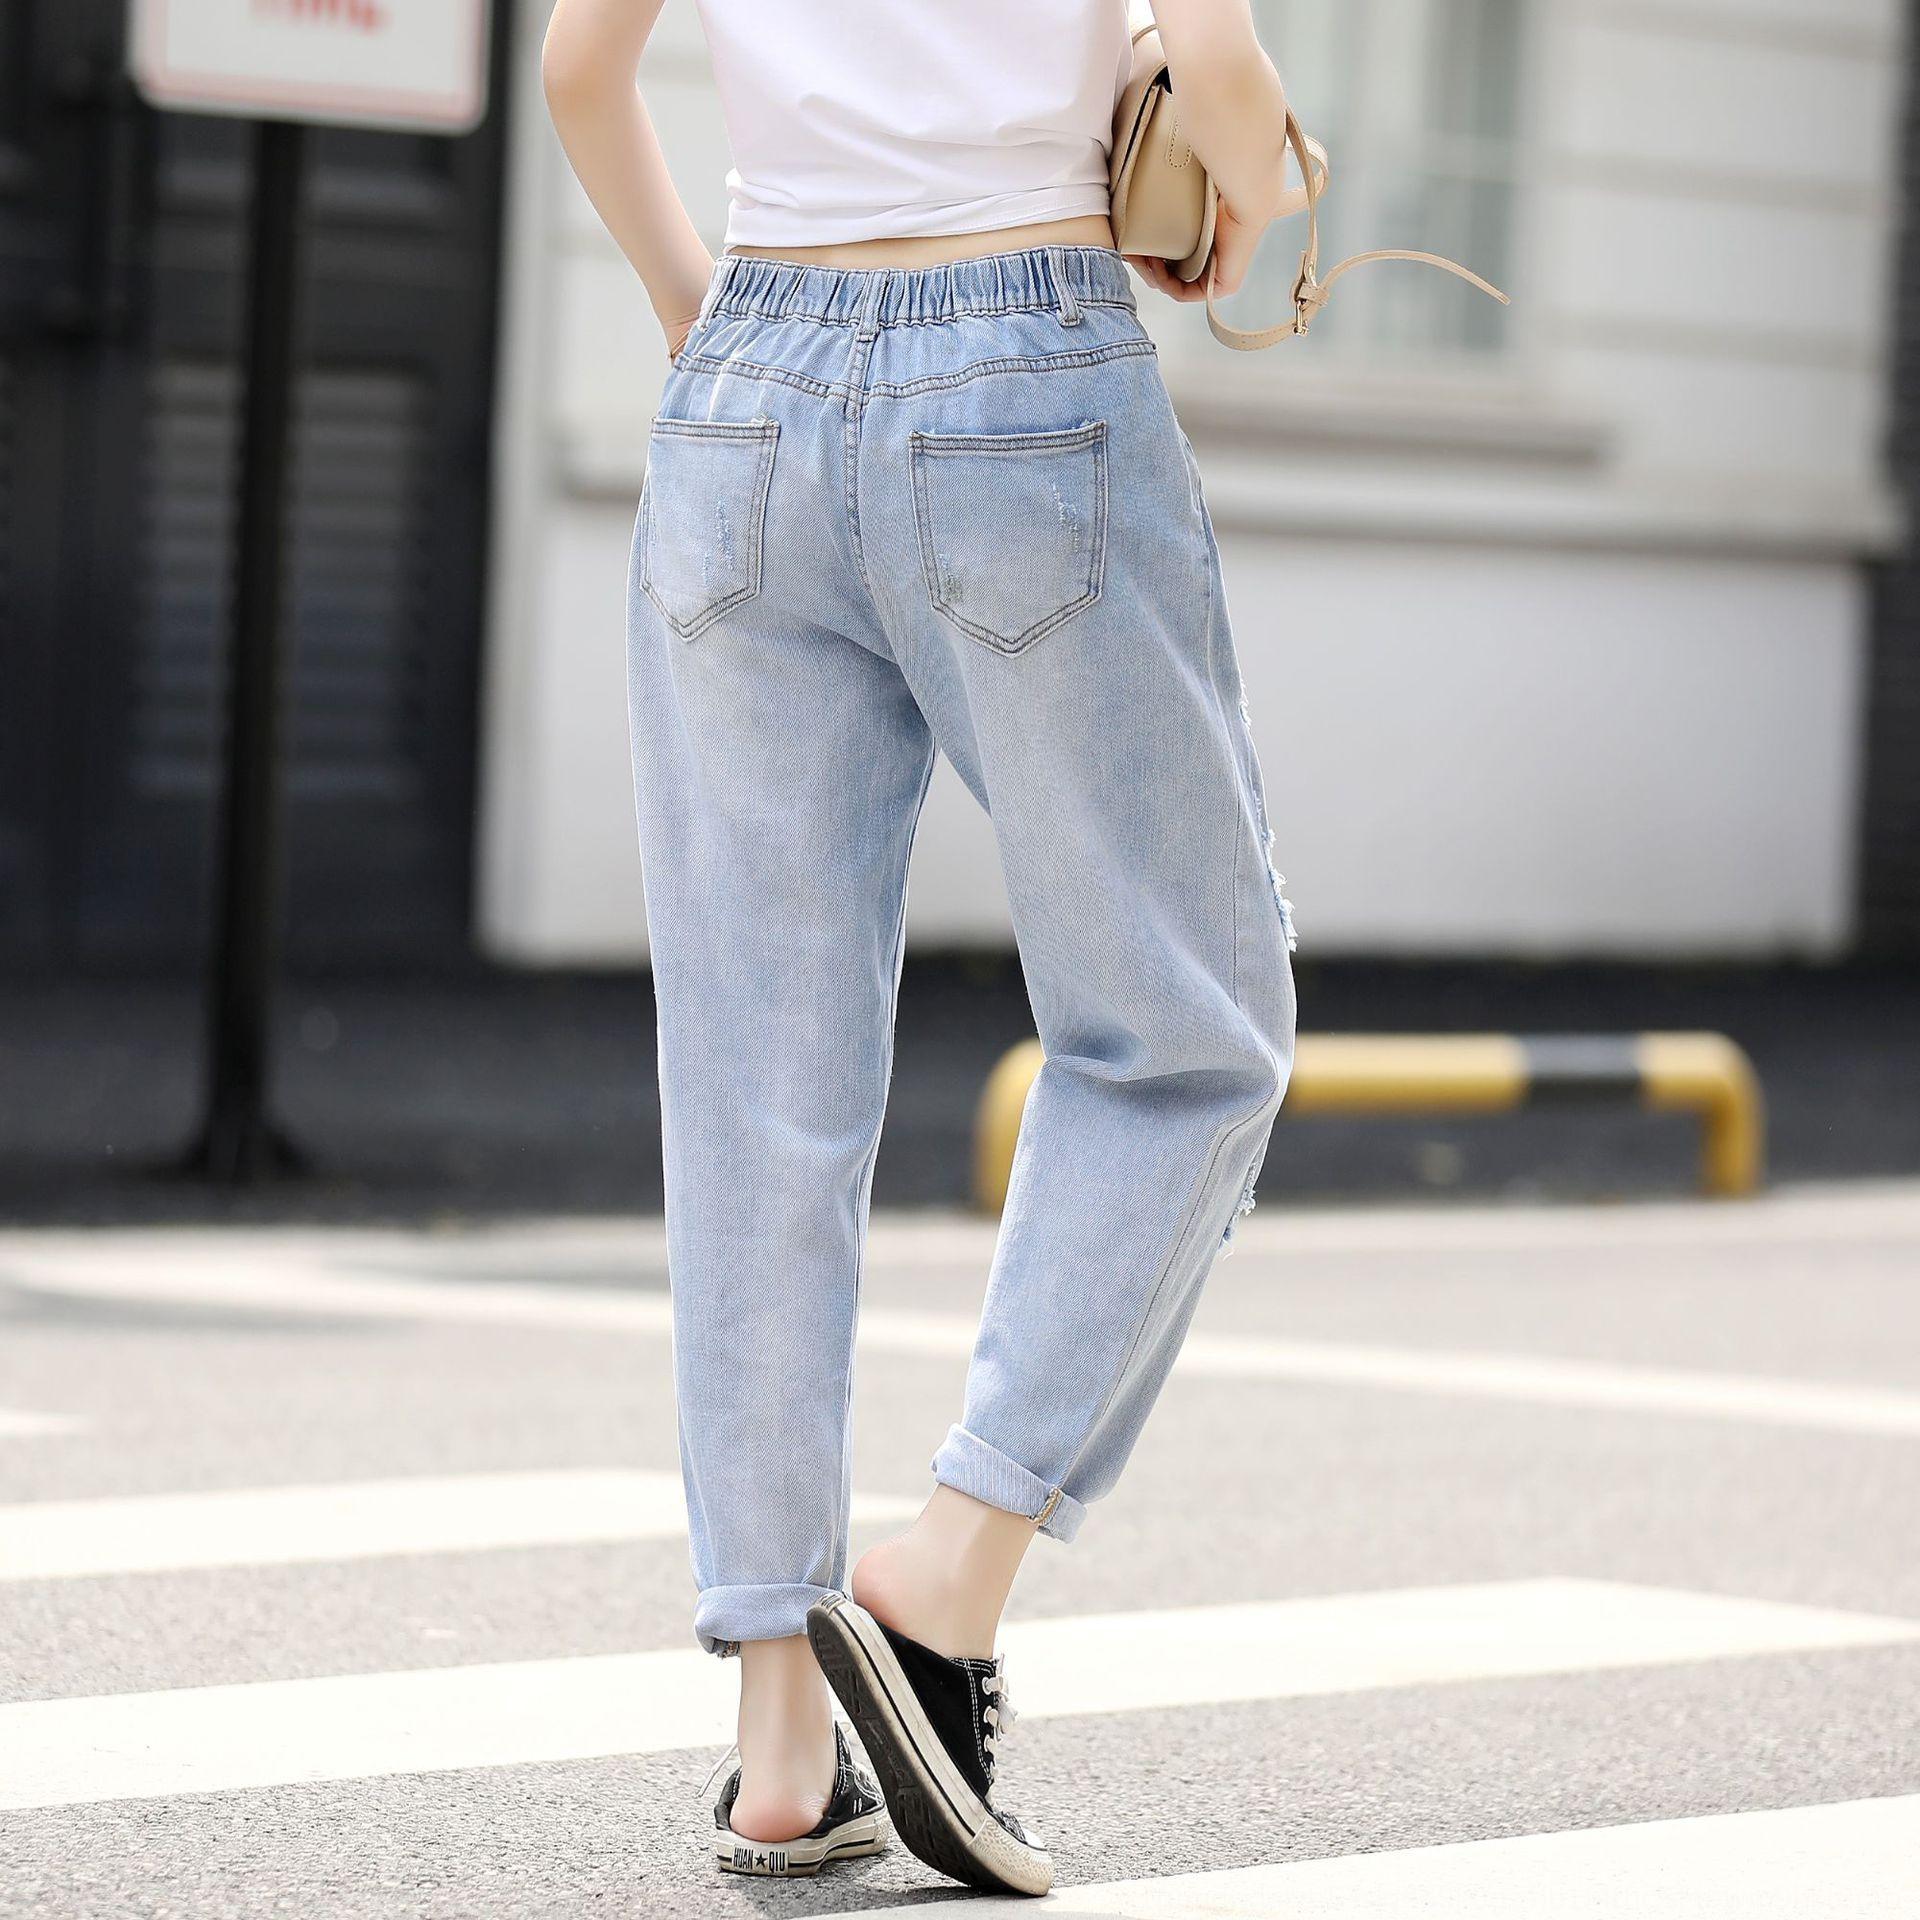 HVpaB de primavera y verano nuevos coreanos pantalones y pantalones agujero de la manera del harem del estilo de 200kg MM grasa pantalones hasta los tobillos sueltan más tamaño Wome